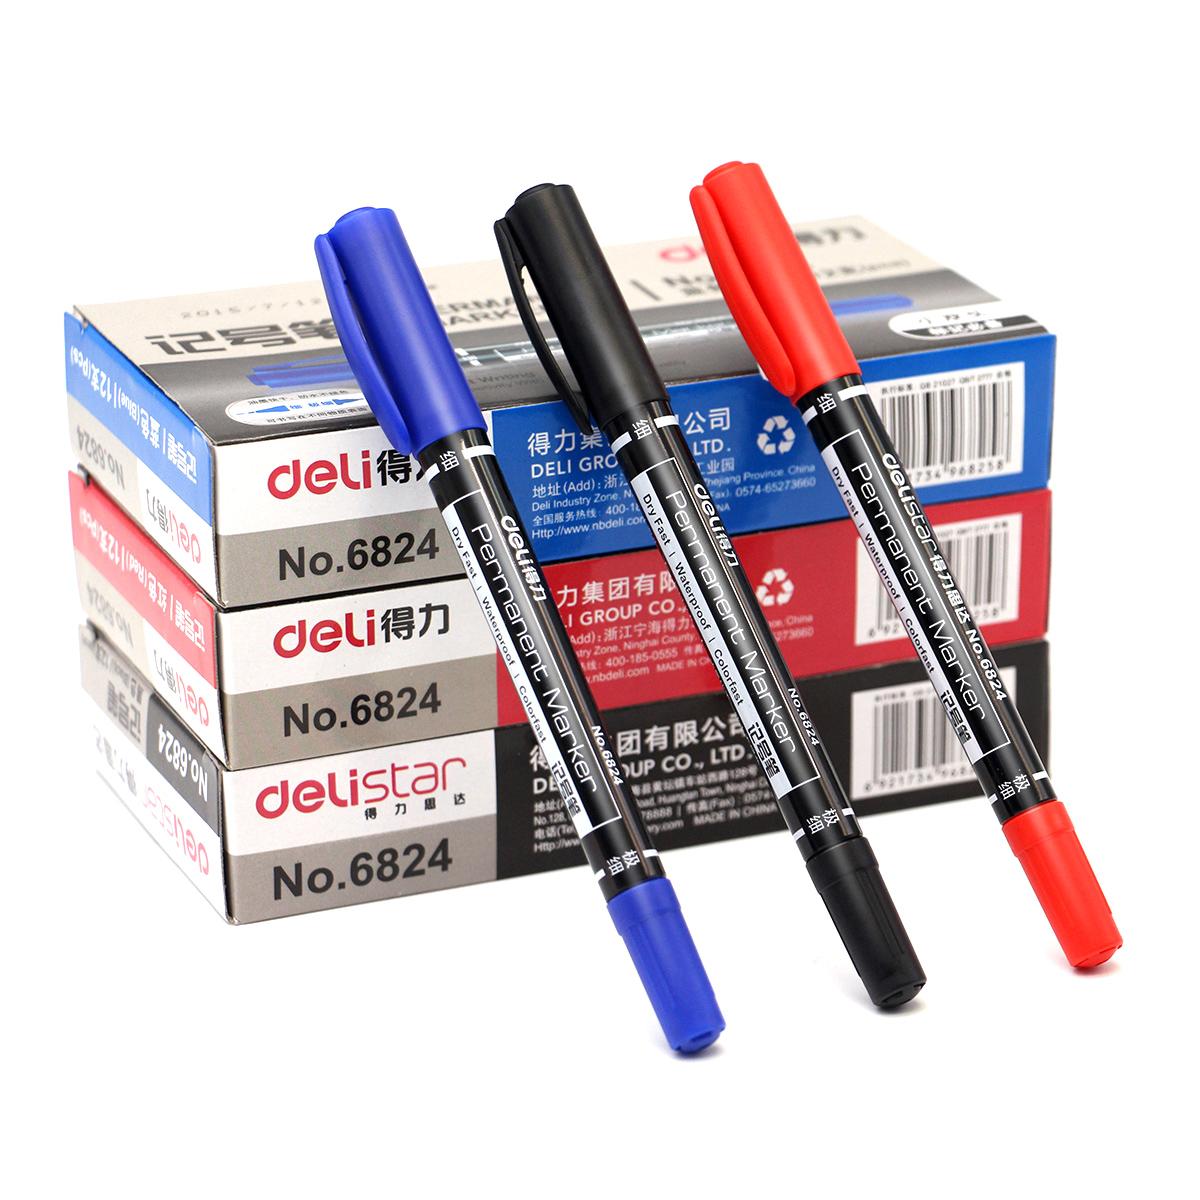 得力 小双头油性记号笔可领取领券网提供的1元优惠券